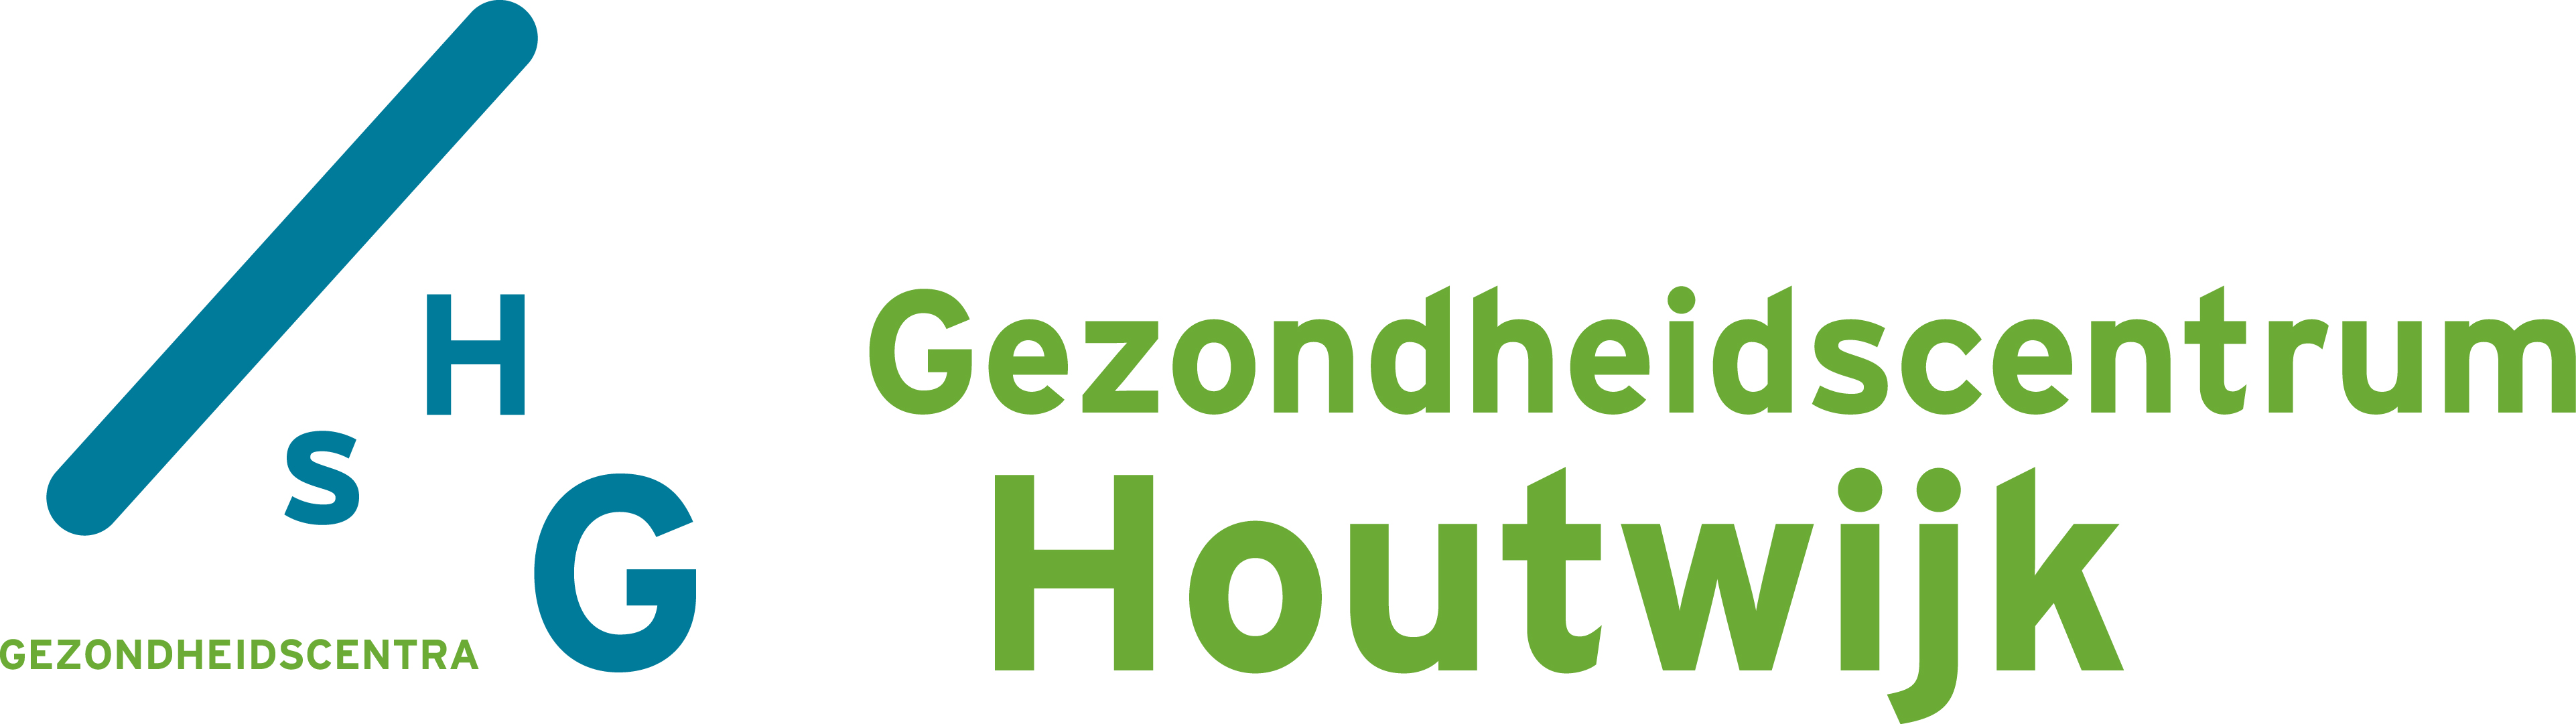 Gezondheidscentrum Houtwijk